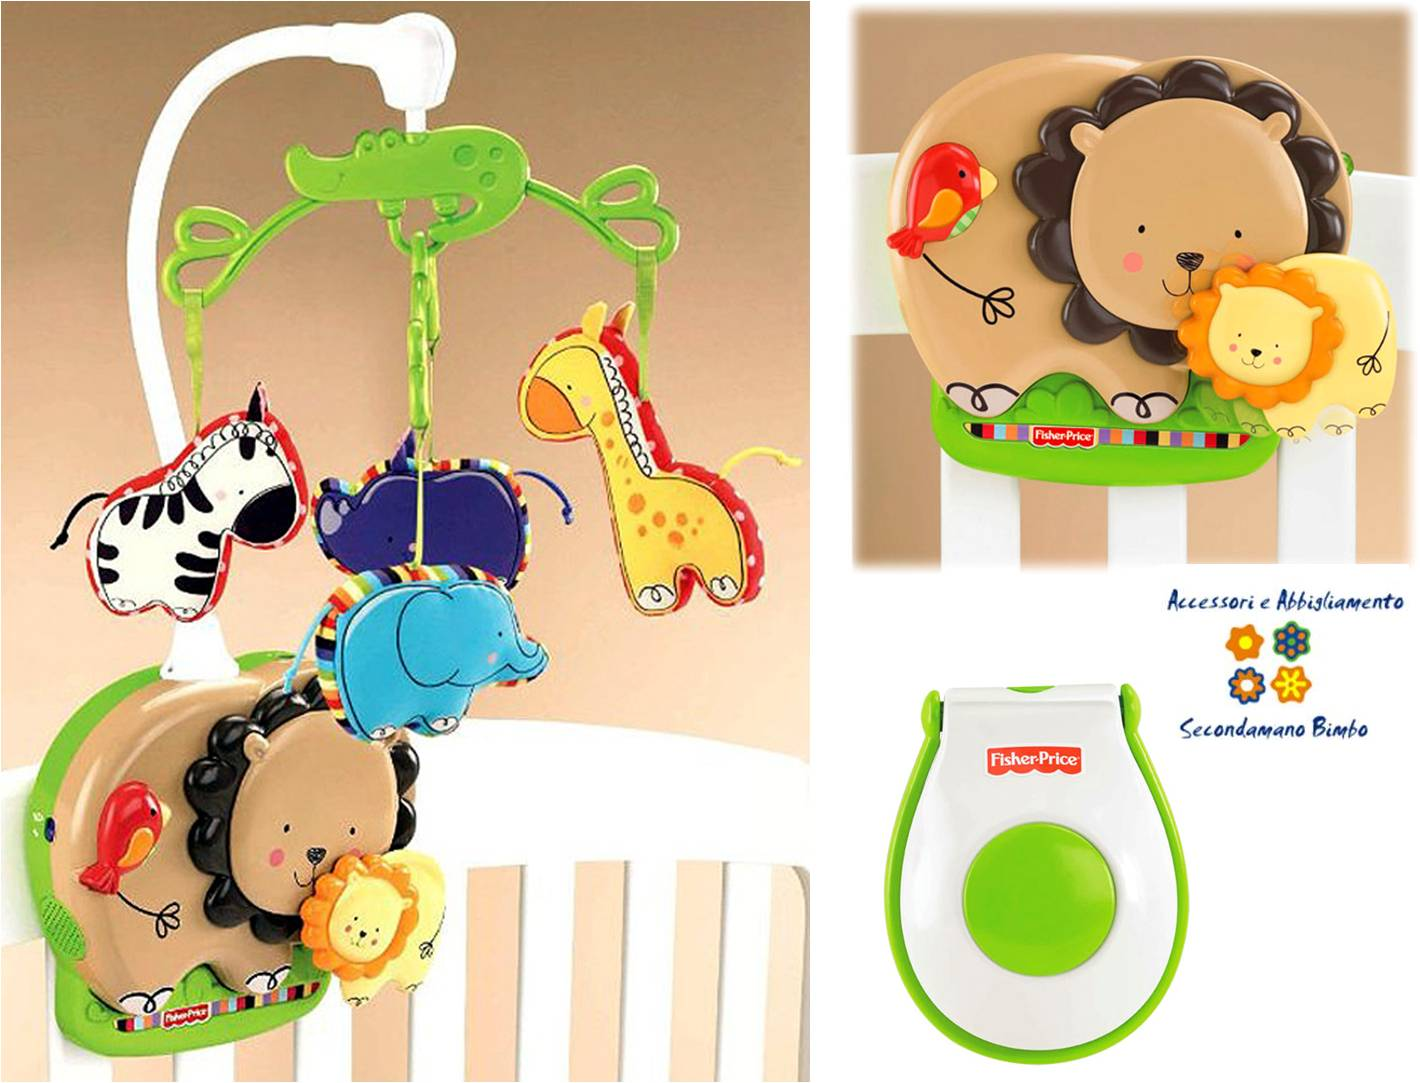 Lettino usato per neonati : Lettino per bimbo di 2 anni: idee regalo per una bambina di anni